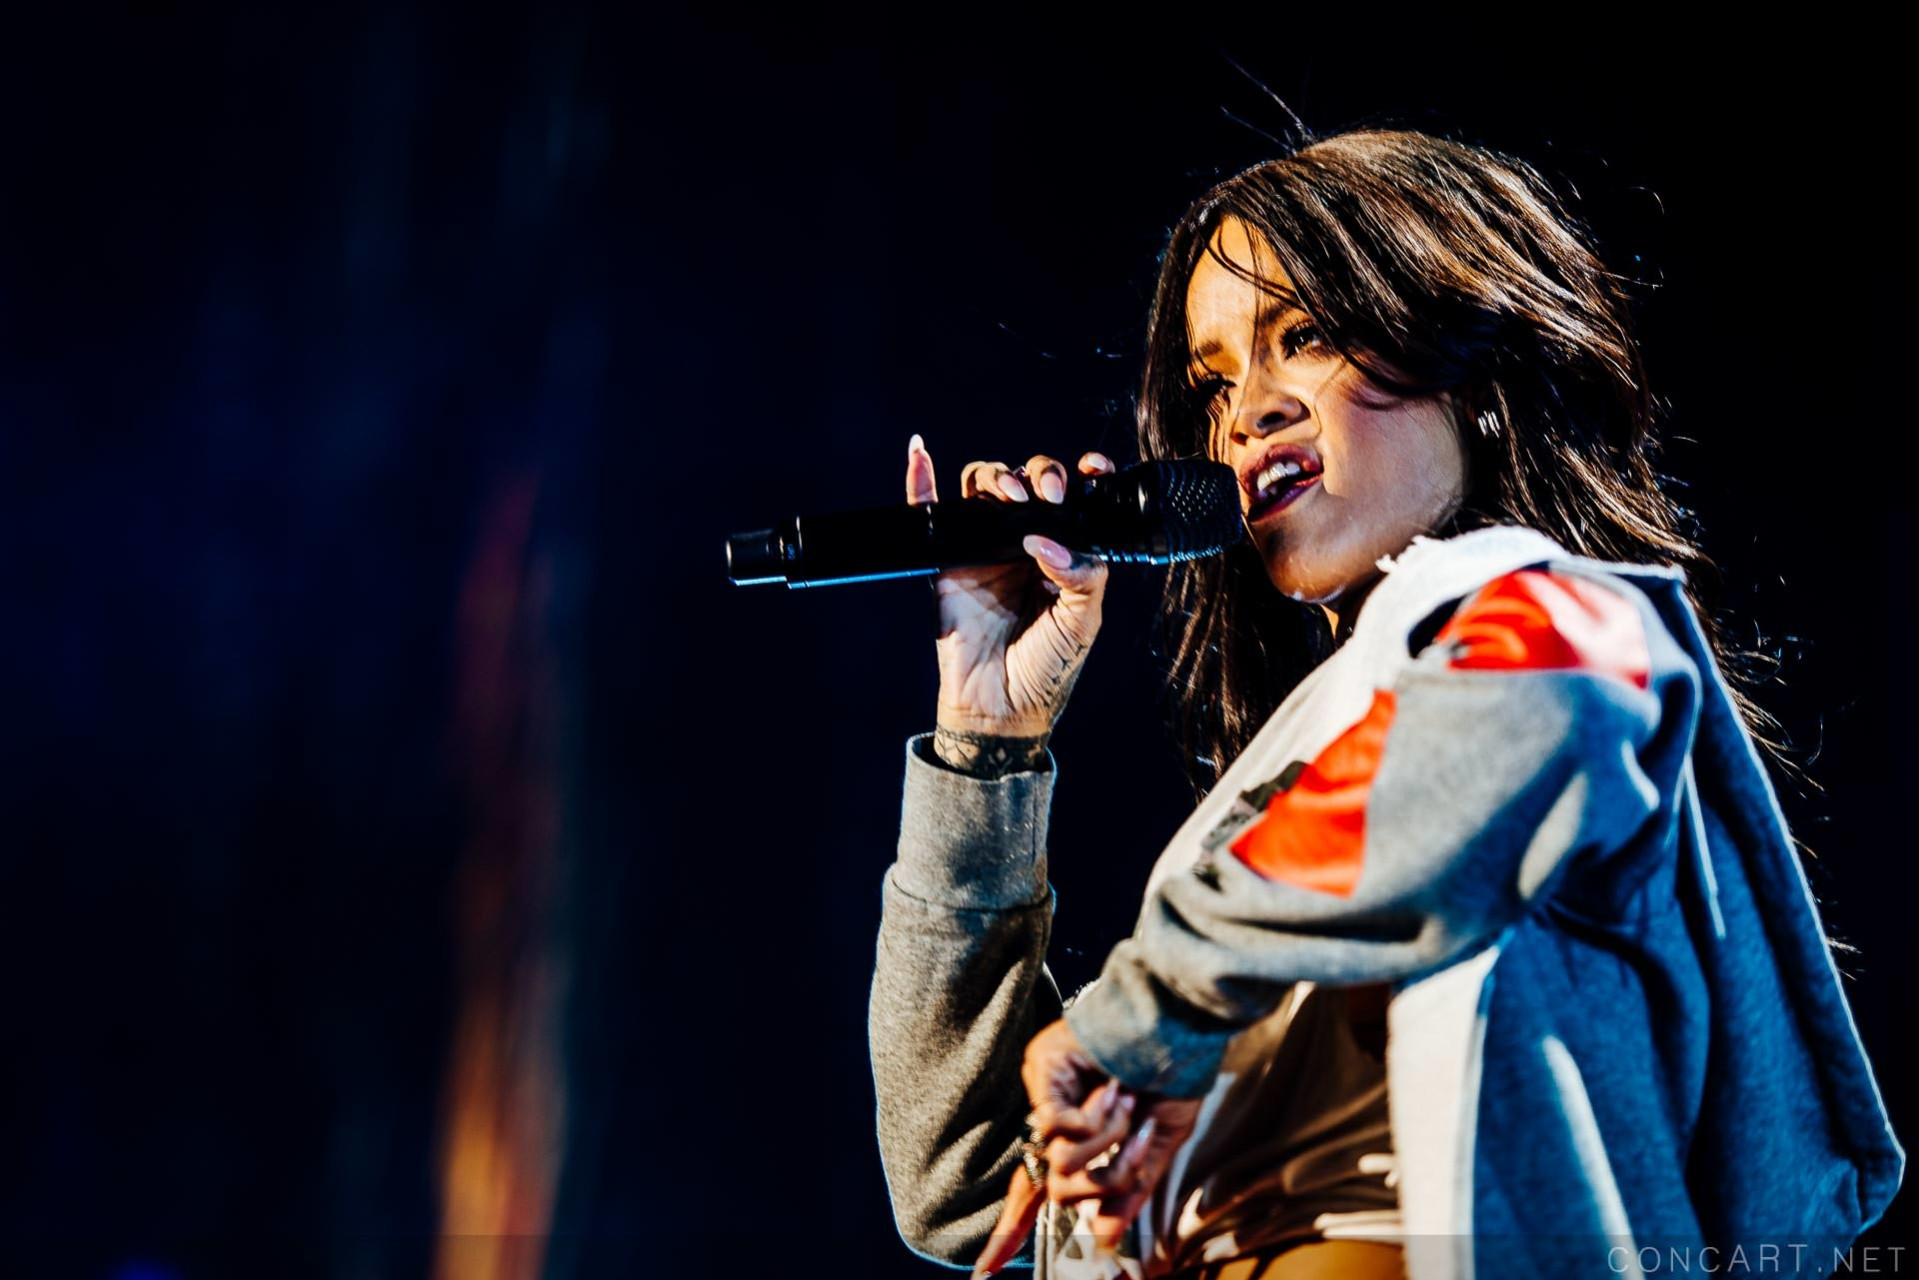 Rihanna photo by Sean Molin 12